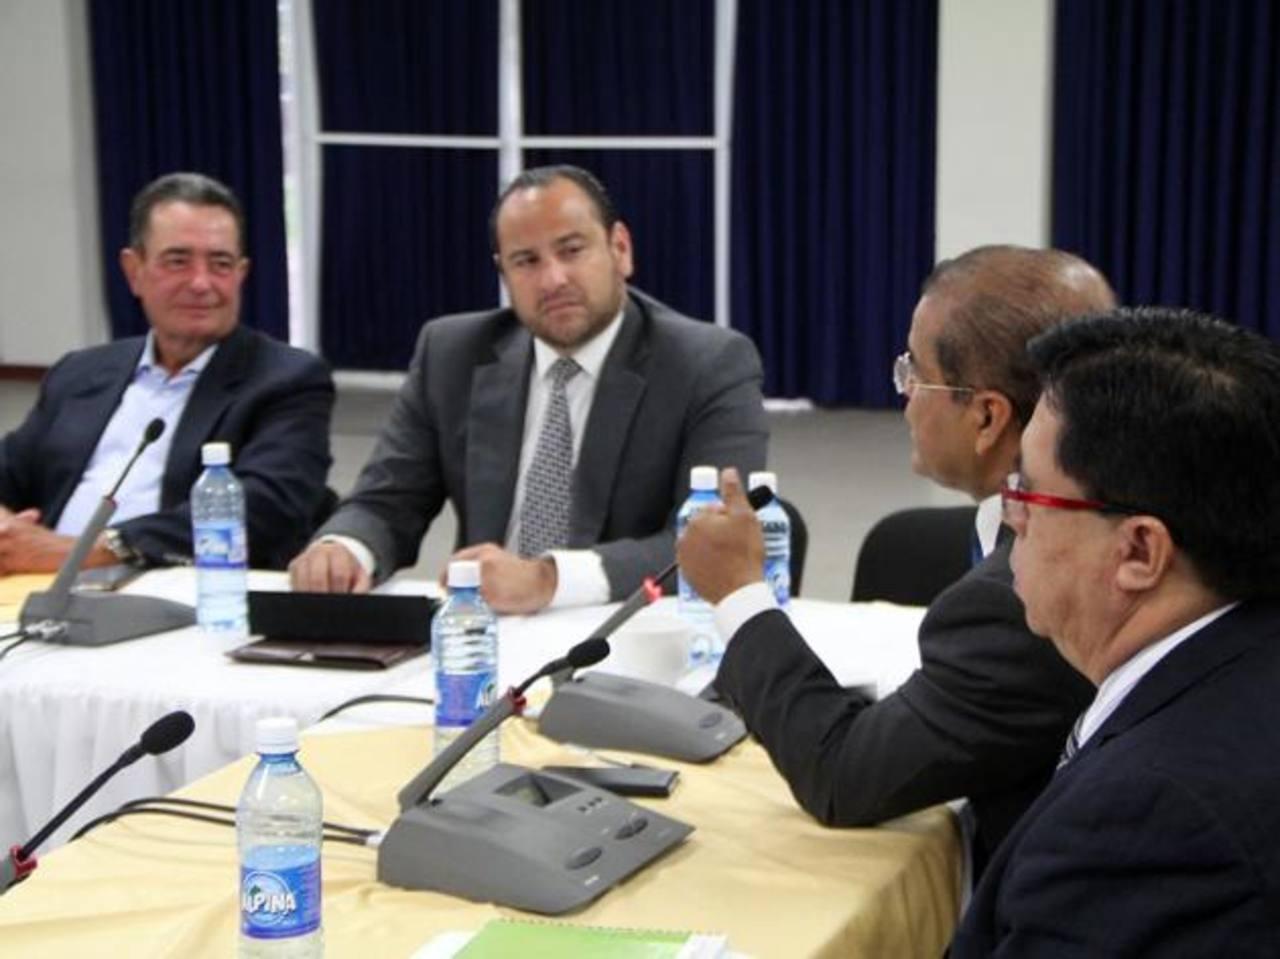 Vicepresidente Ortiz y Lorenzana durante reunión con el Consejo del Asocio para el Crecimiento ayer. foto edh / cortesía